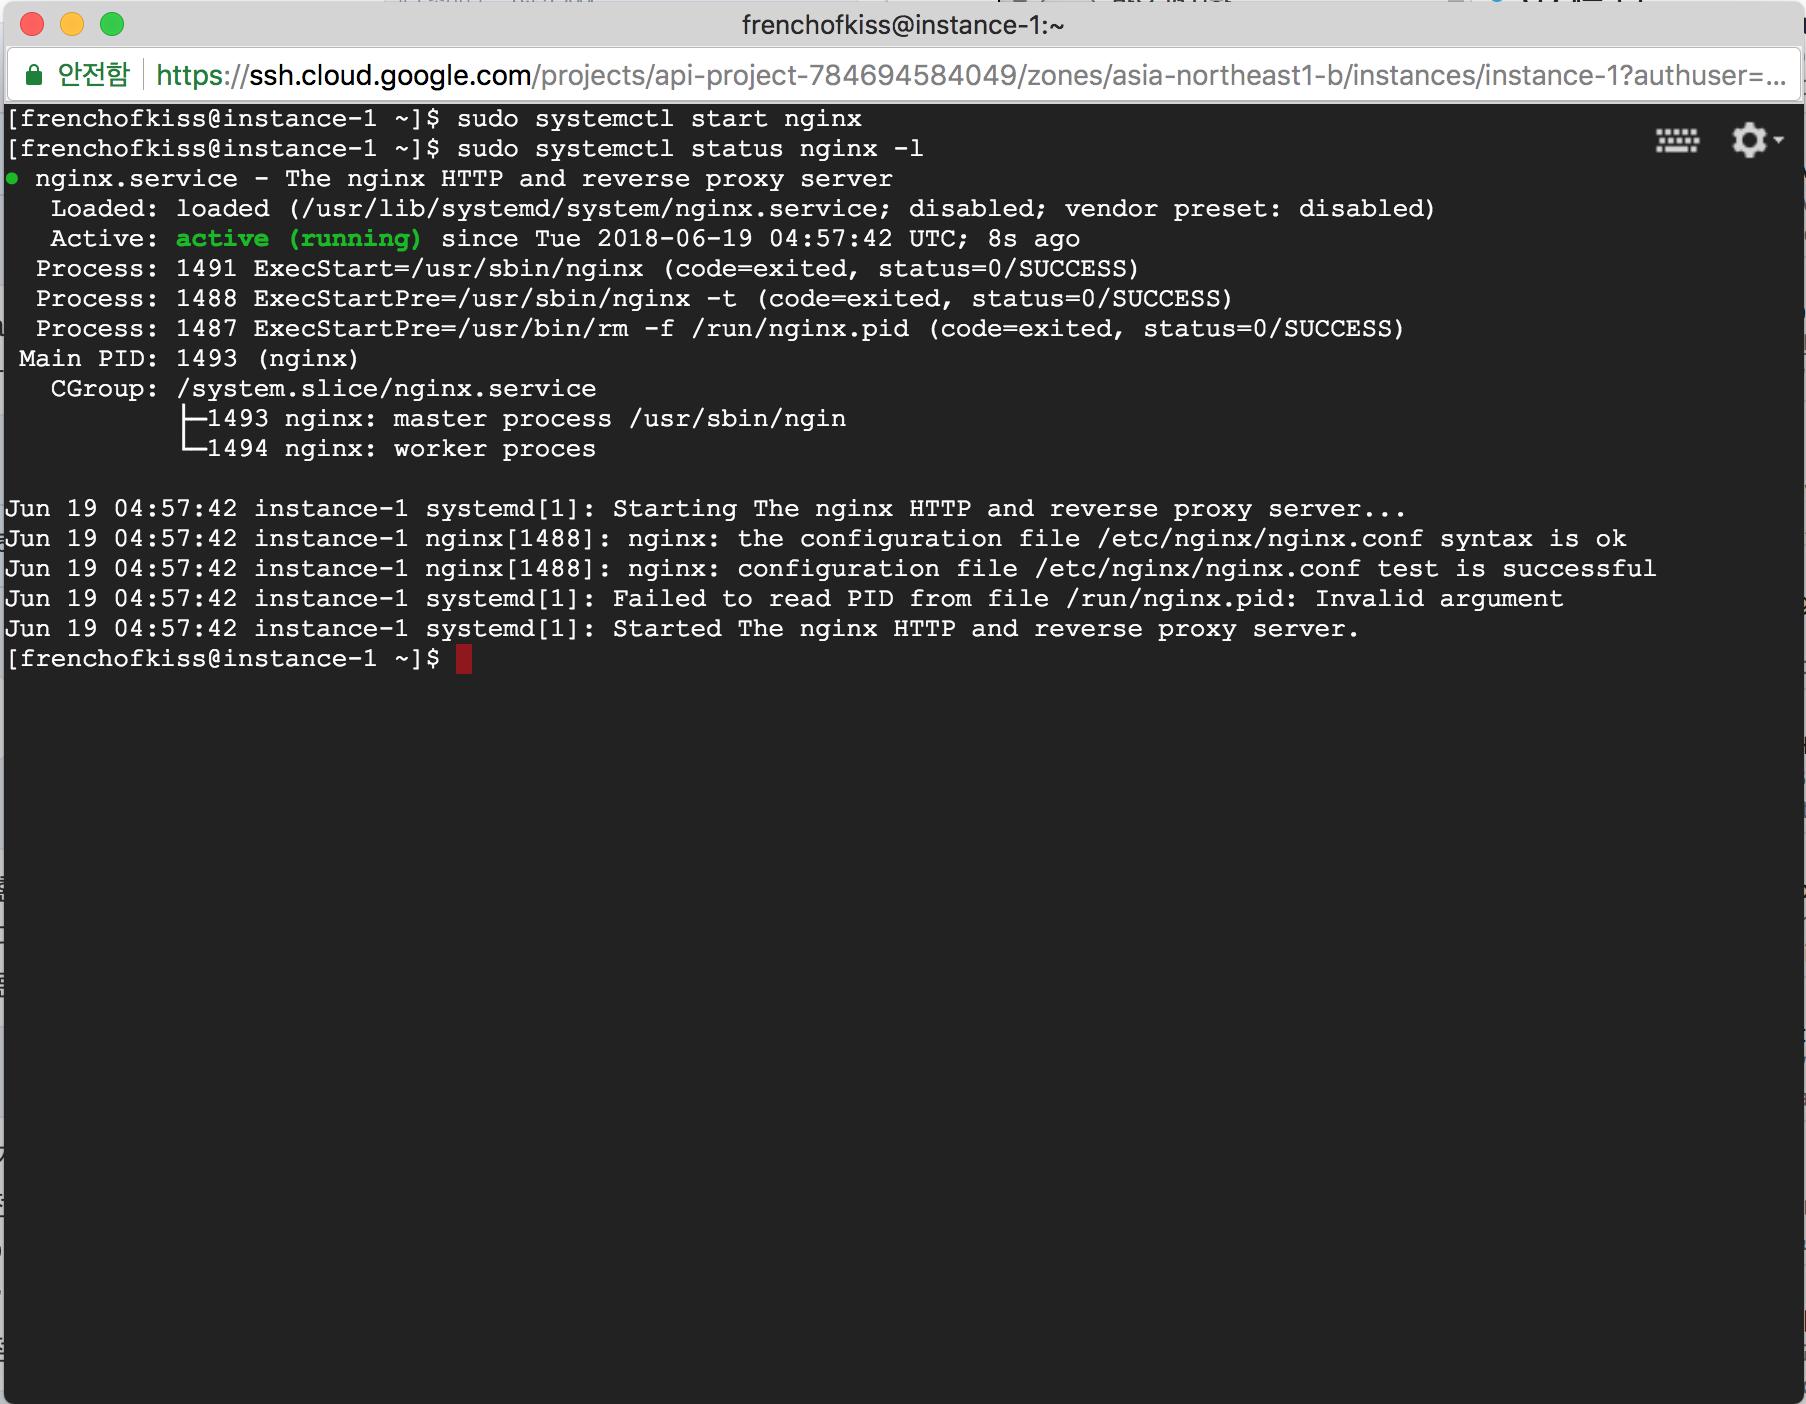 nginx start log